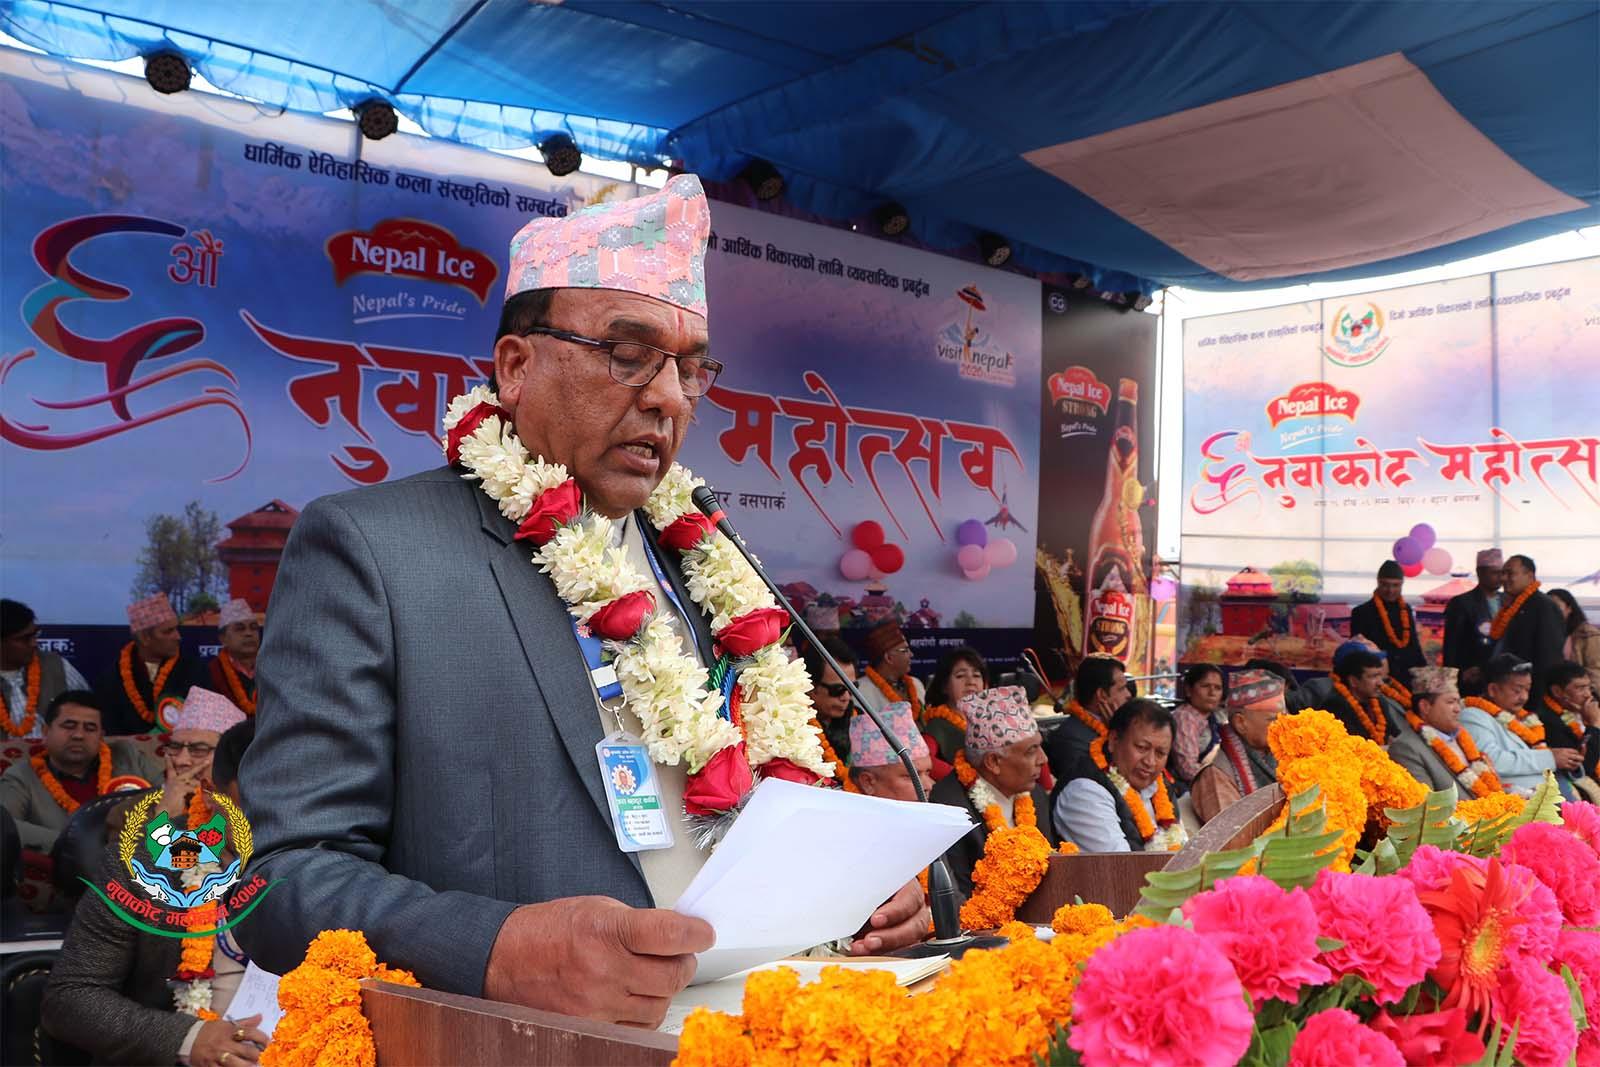 ncci nuwakot chairman tara bahadur karki